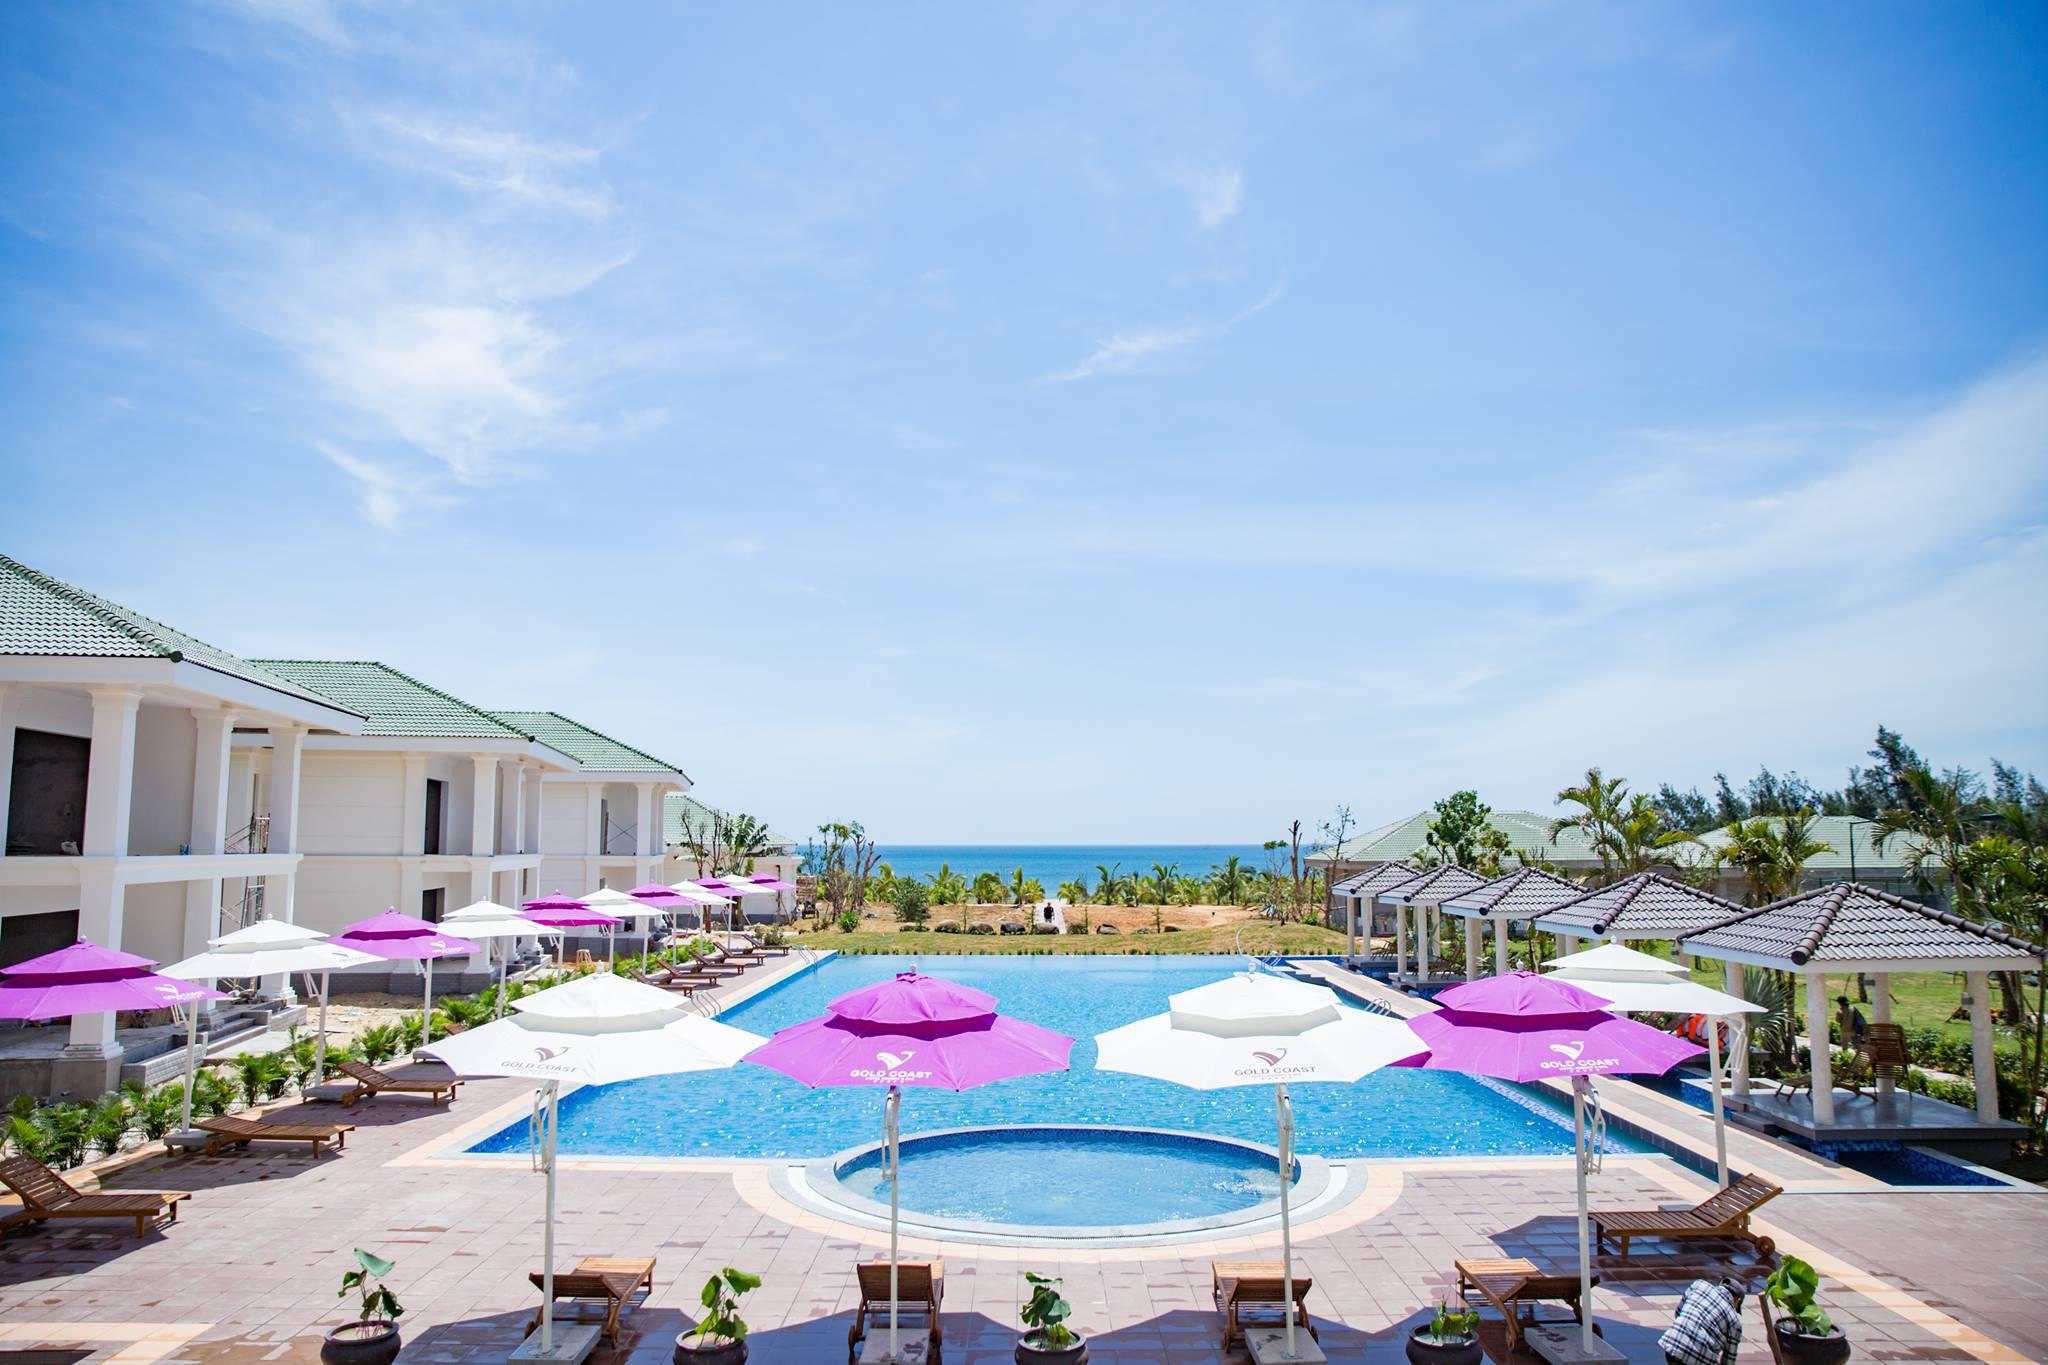 khách sạn biển vàng quảng bình